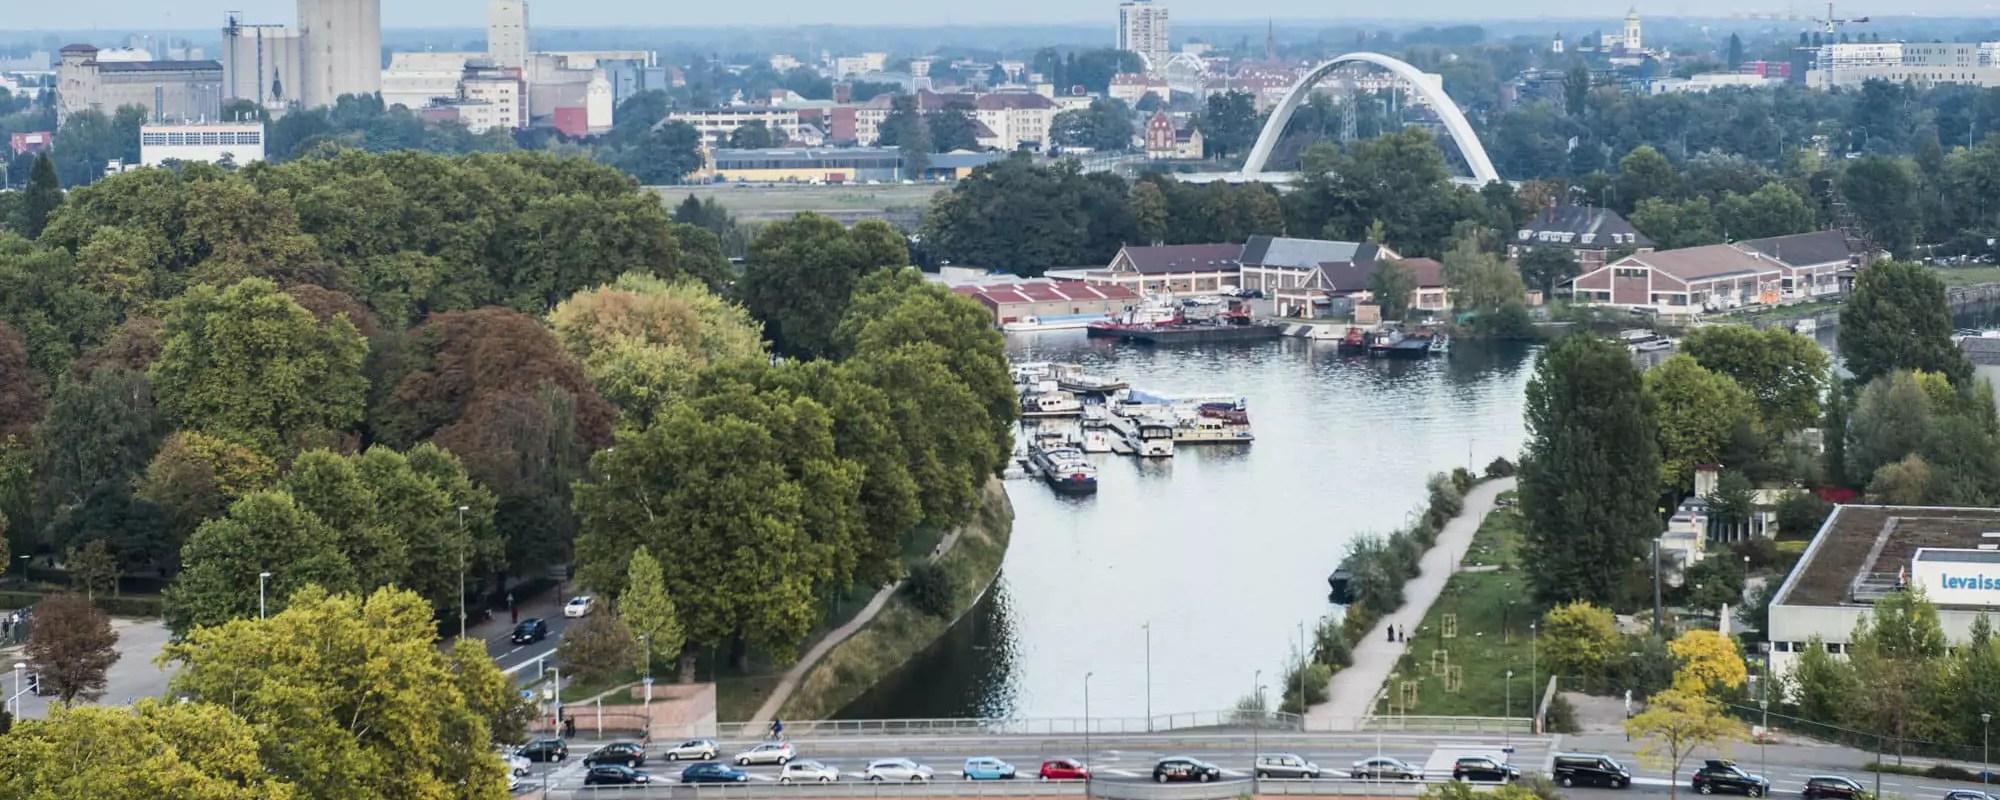 «Bétonisation», densification… Le conseil de l'Eurométropole amende son plan d'urbanisme contesté